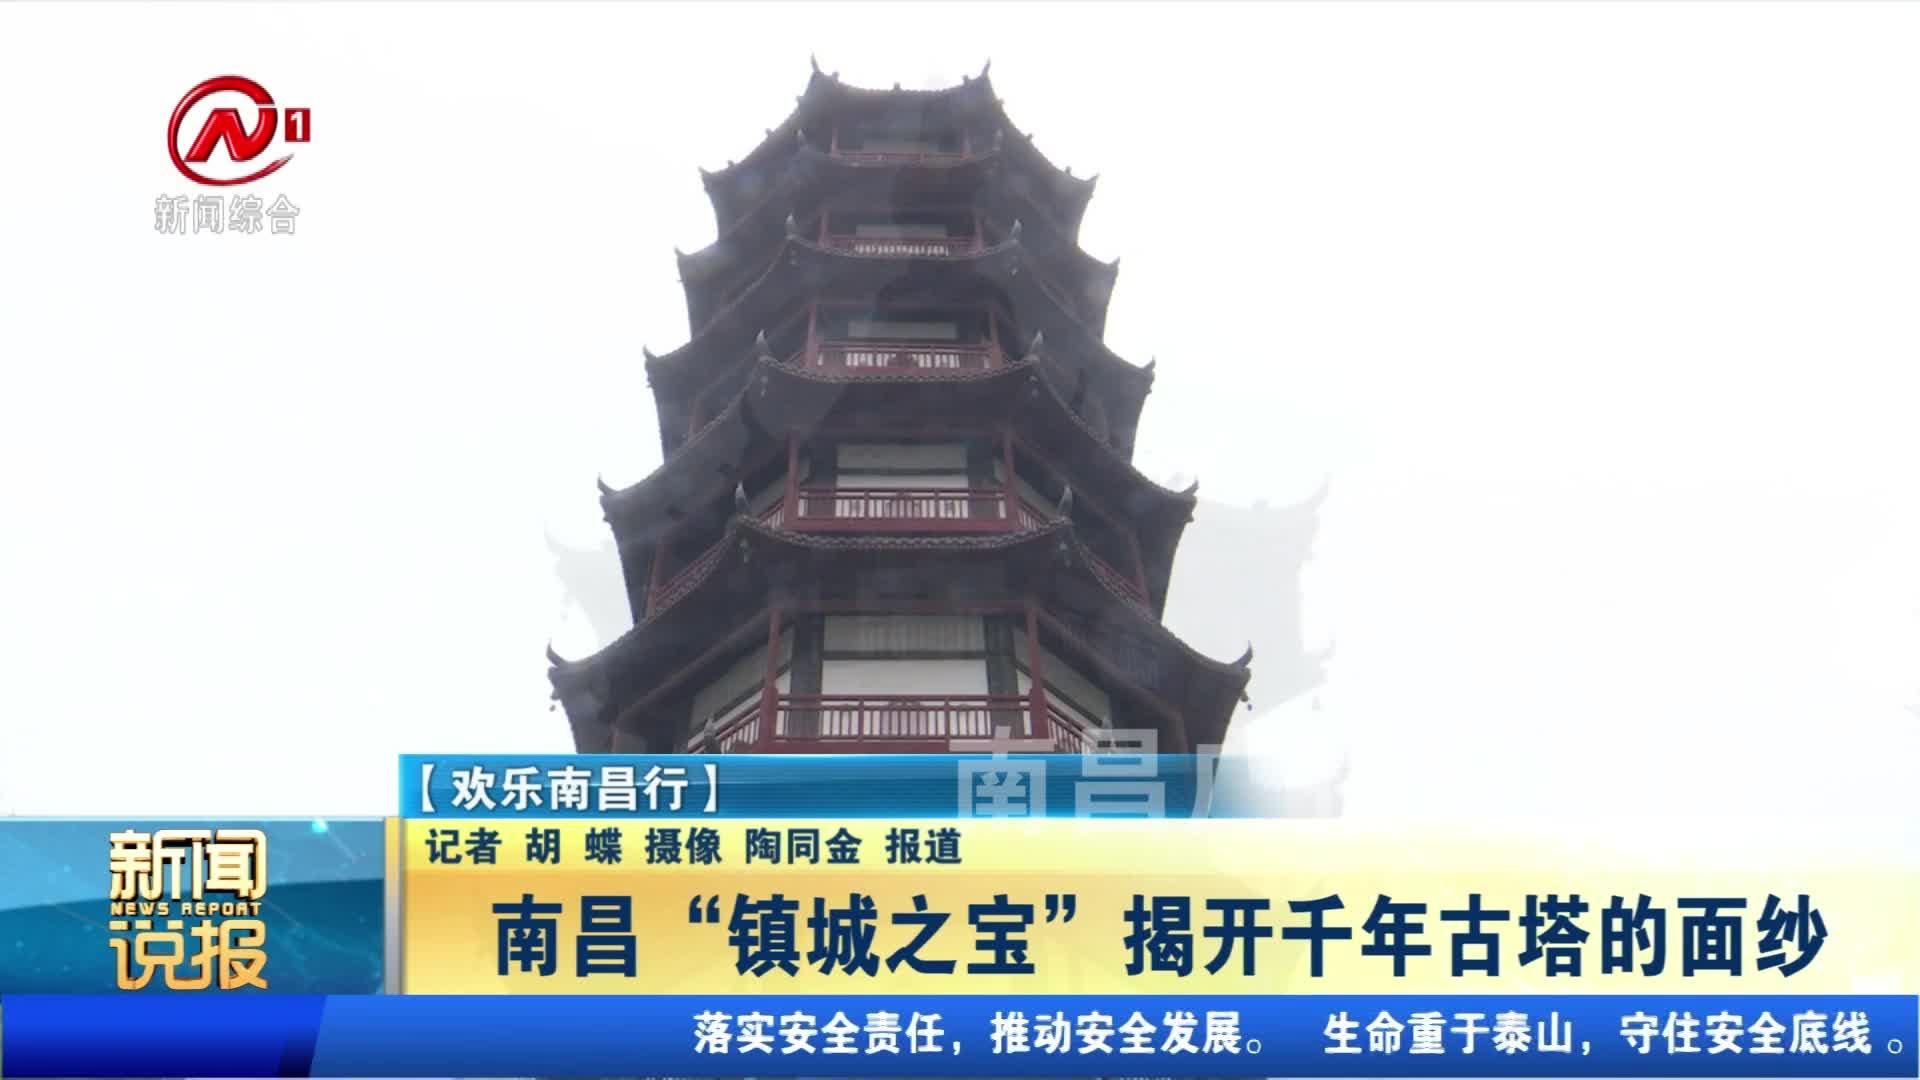 """南昌""""镇城之宝"""" 揭开千年古塔的面纱"""